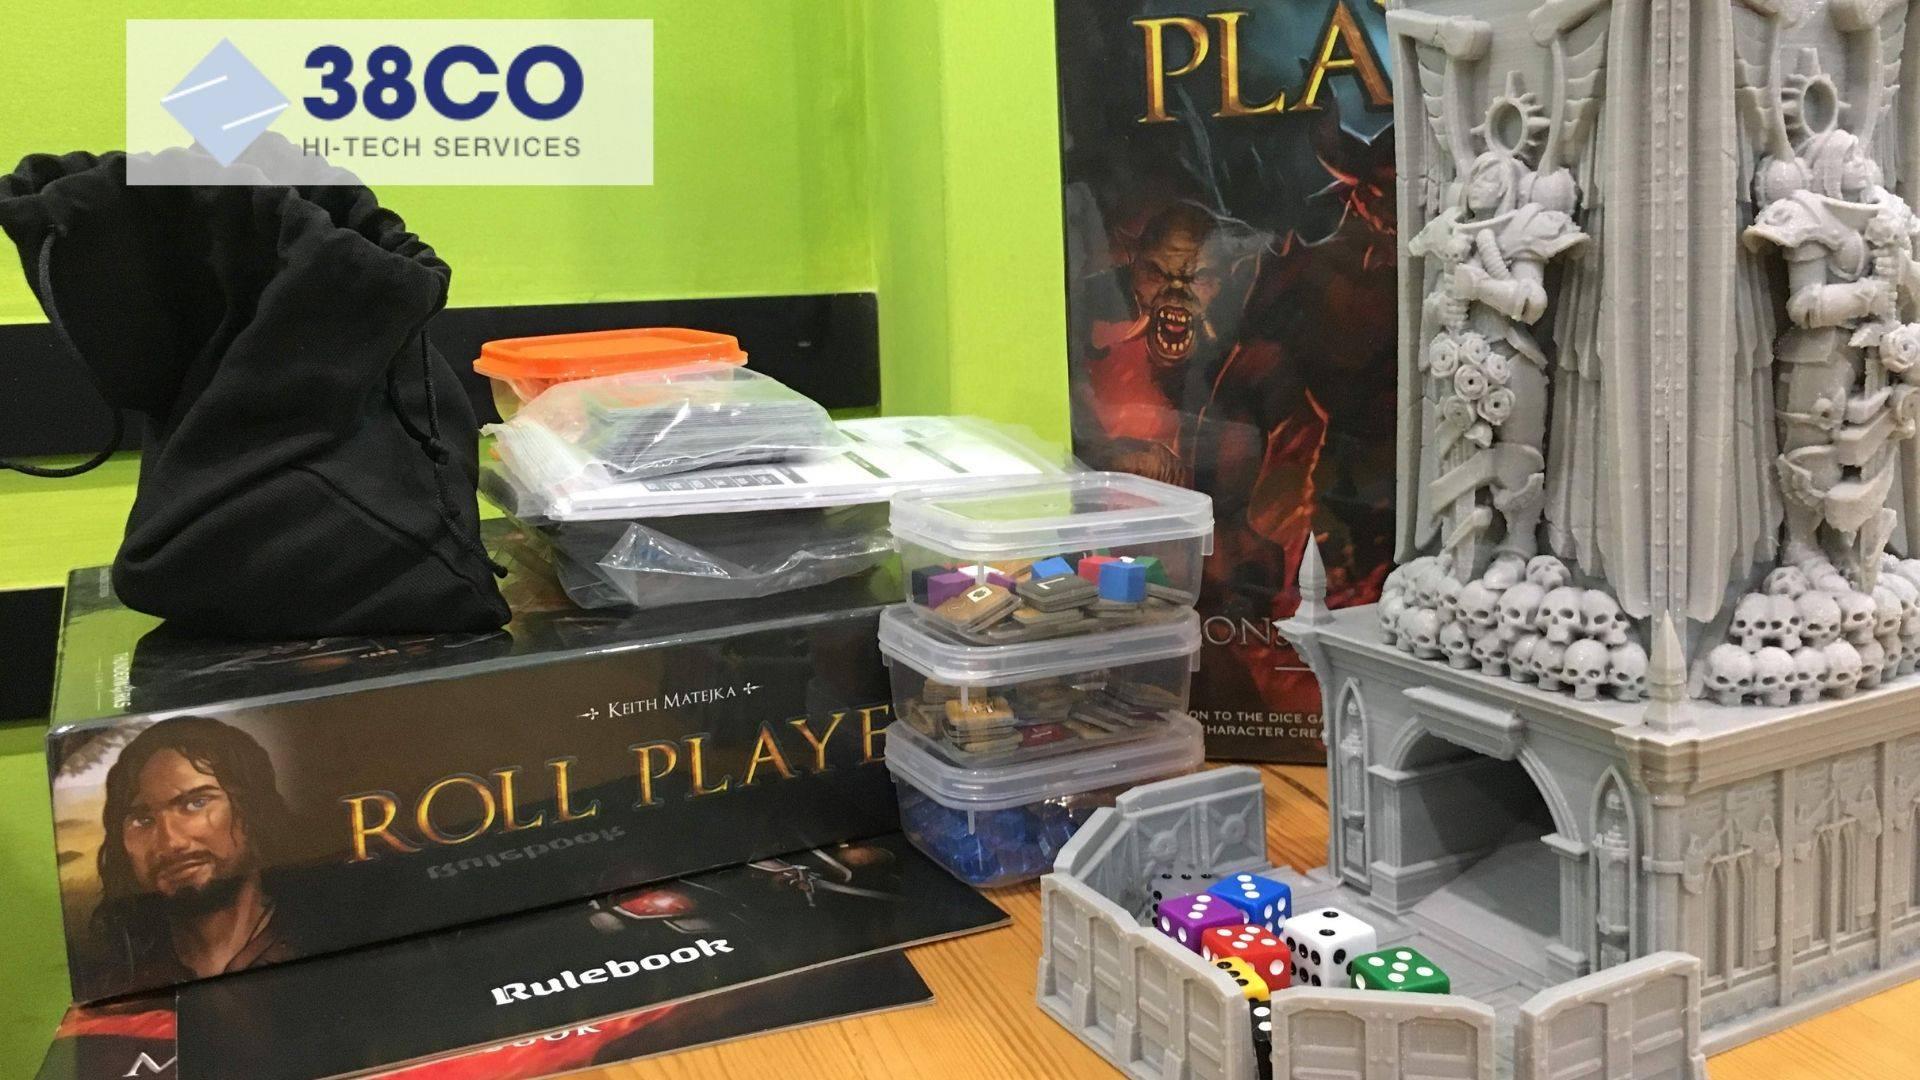 Board game là một thể loại trò chơi gồm hai hoặc nhiều người tương tác trực tiếp với nhau thông qua một bàn cờ... Ngày nay với công nghệ in 3D, người chơi thậm chí có thể tự sáng tạo ra những bộ board game cho riêng mình...